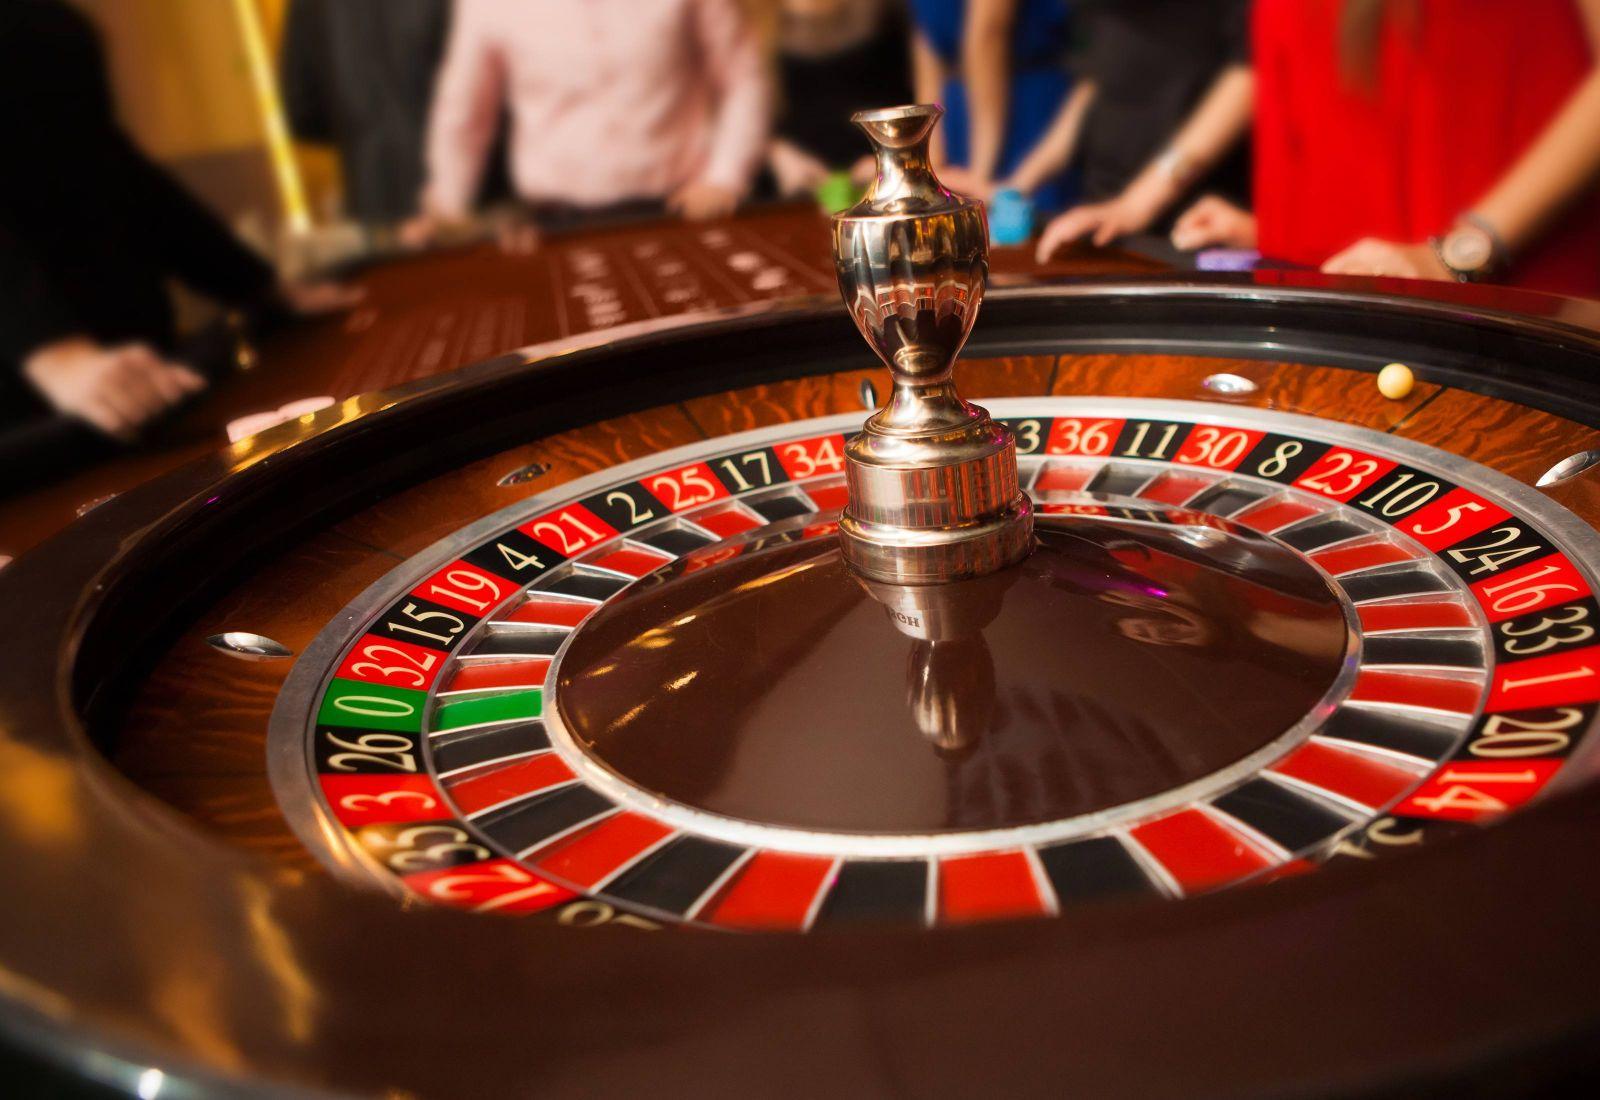 Kinh doanh casino là một trong những ngành bị ảnh hưởng nặng nề nhất xét trên toàn thế giới.